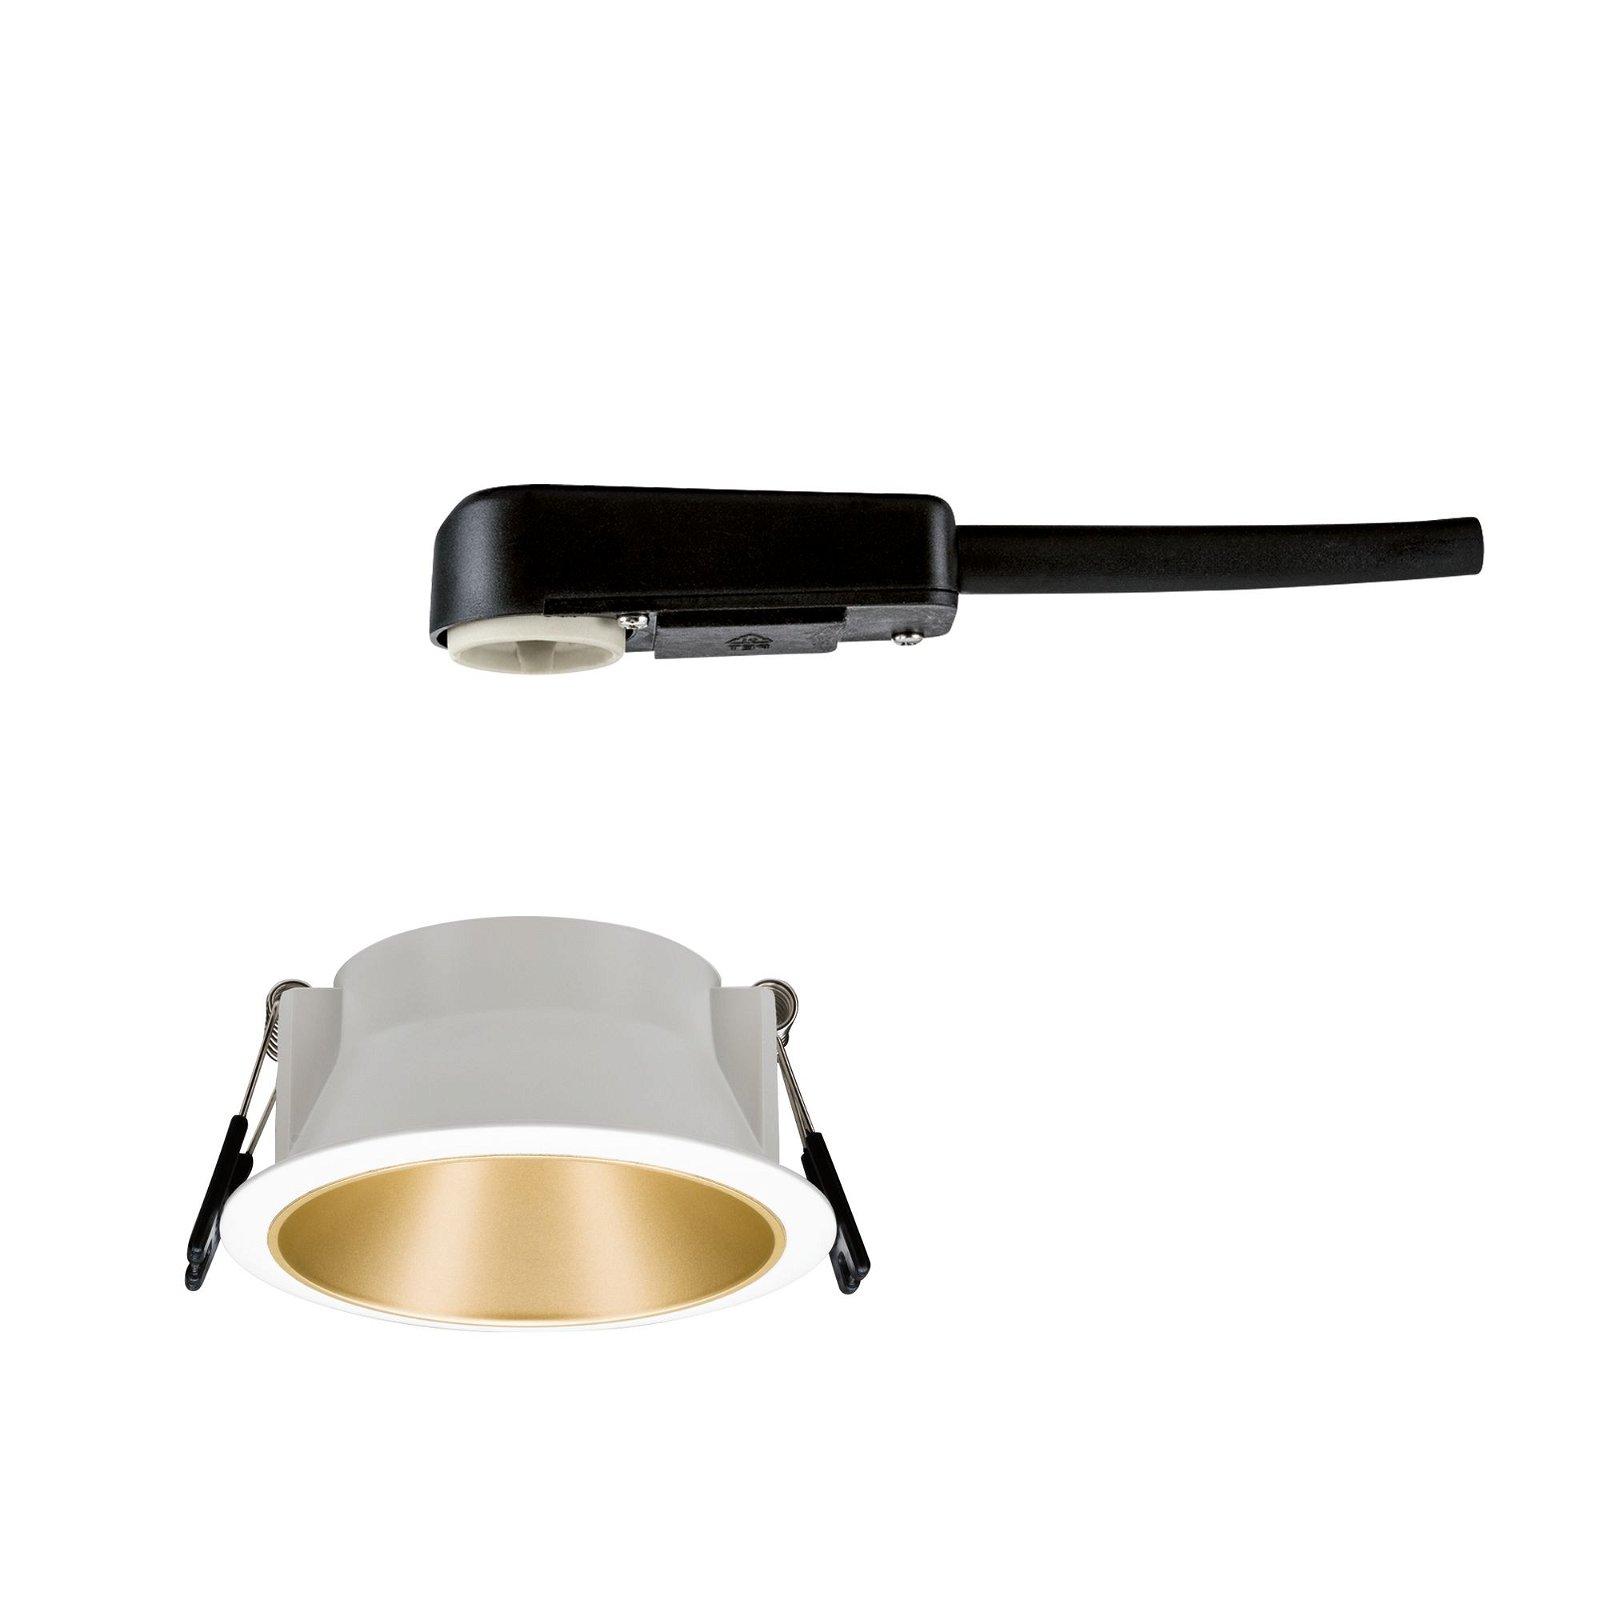 Spot encastré LED Cole rond 88mm GU10 max. 10W 230V Blanc dépoli/Doré